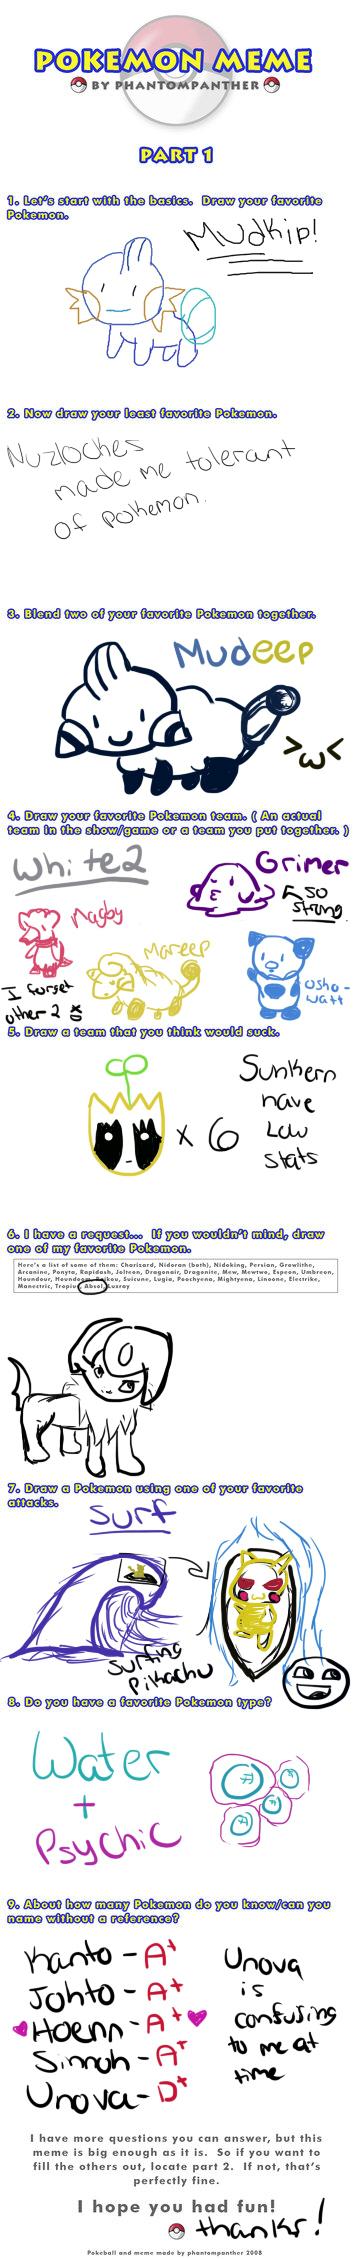 Pokemon Meme by shark902